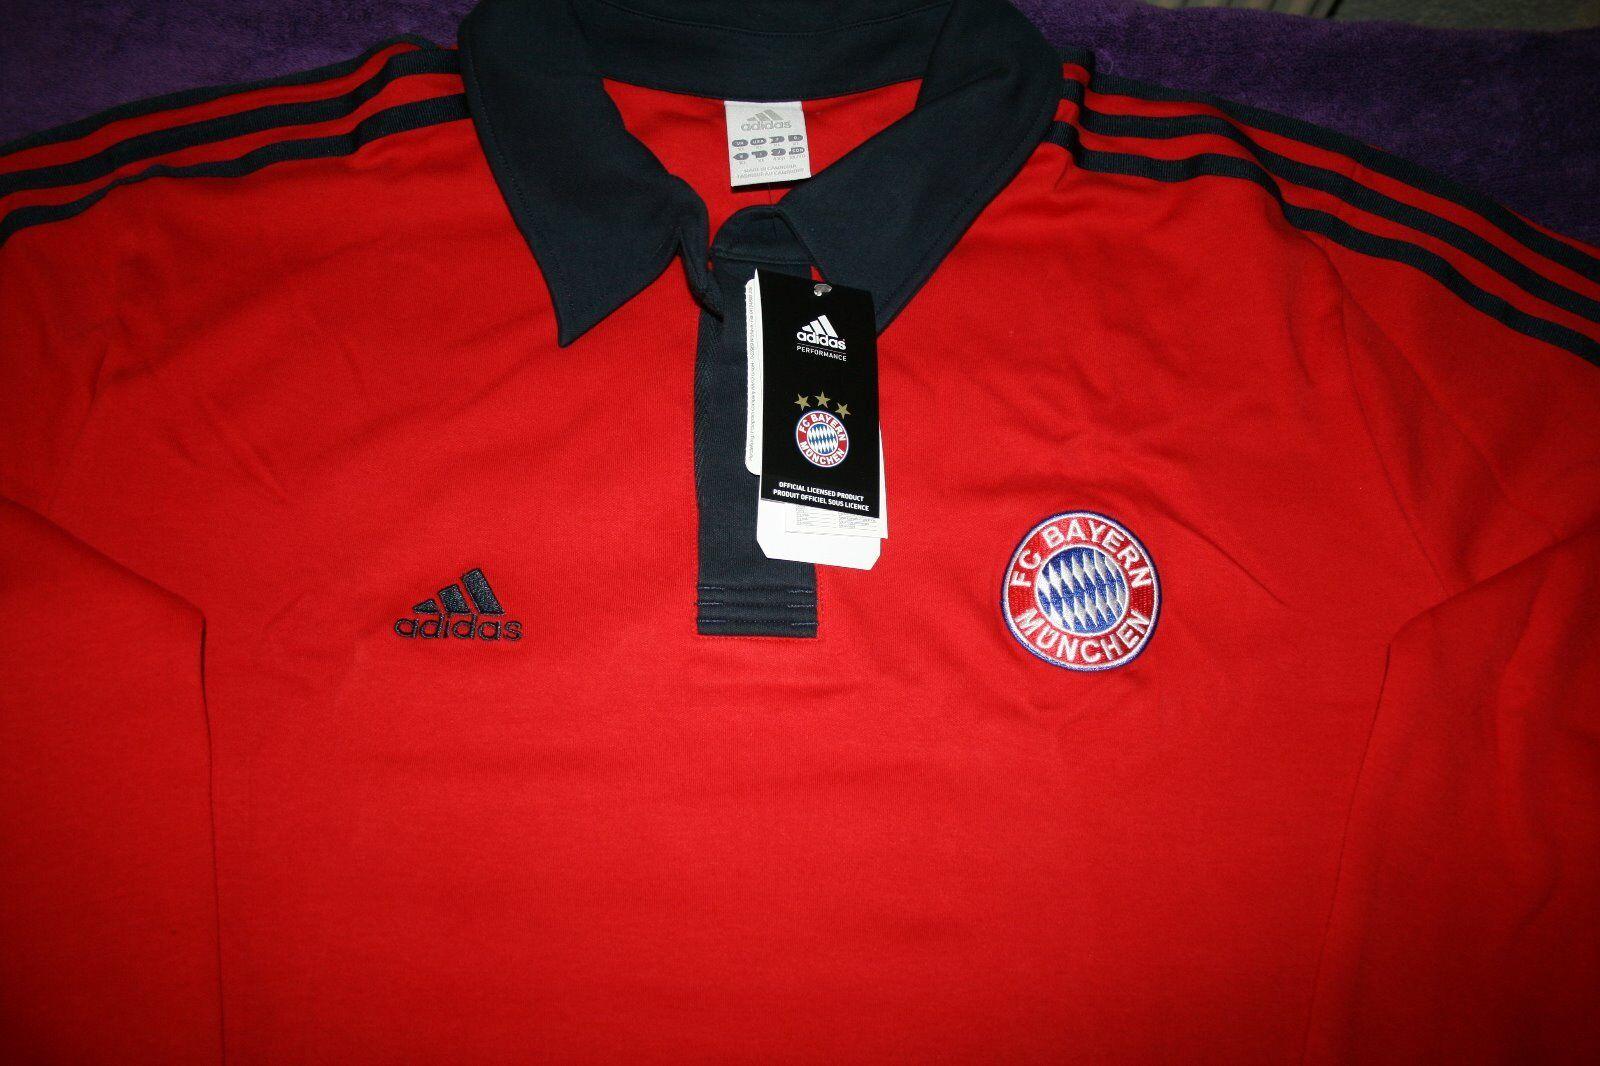 Original Adidas Bayern München Rugby Rugby Rugby Sweatshirt Größe XL Neu mit Etiketten 786c04